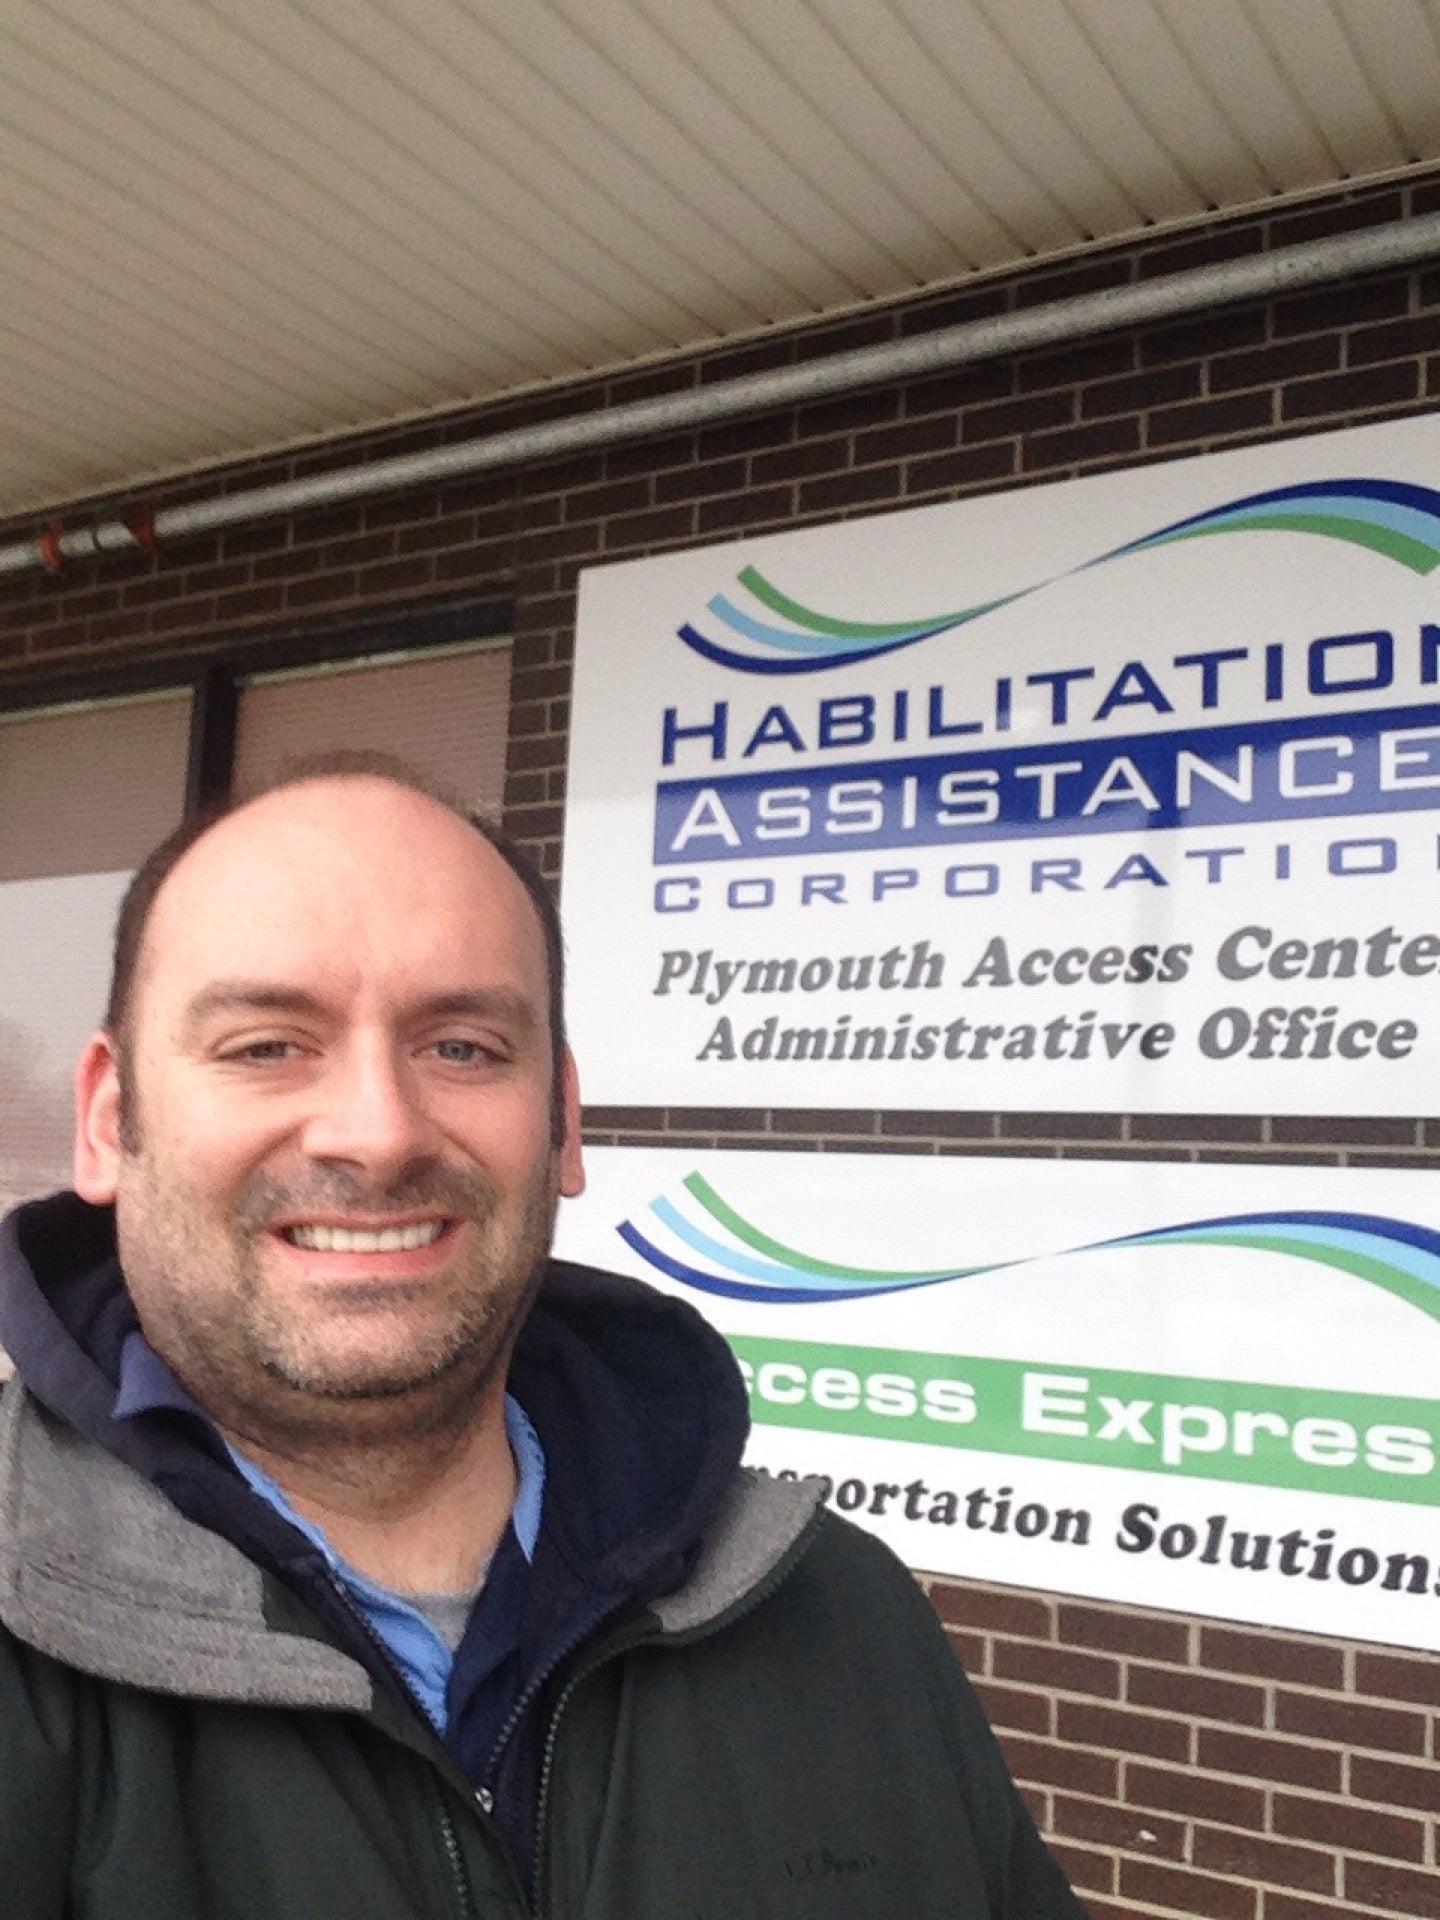 Habilitation Assistance Corp,